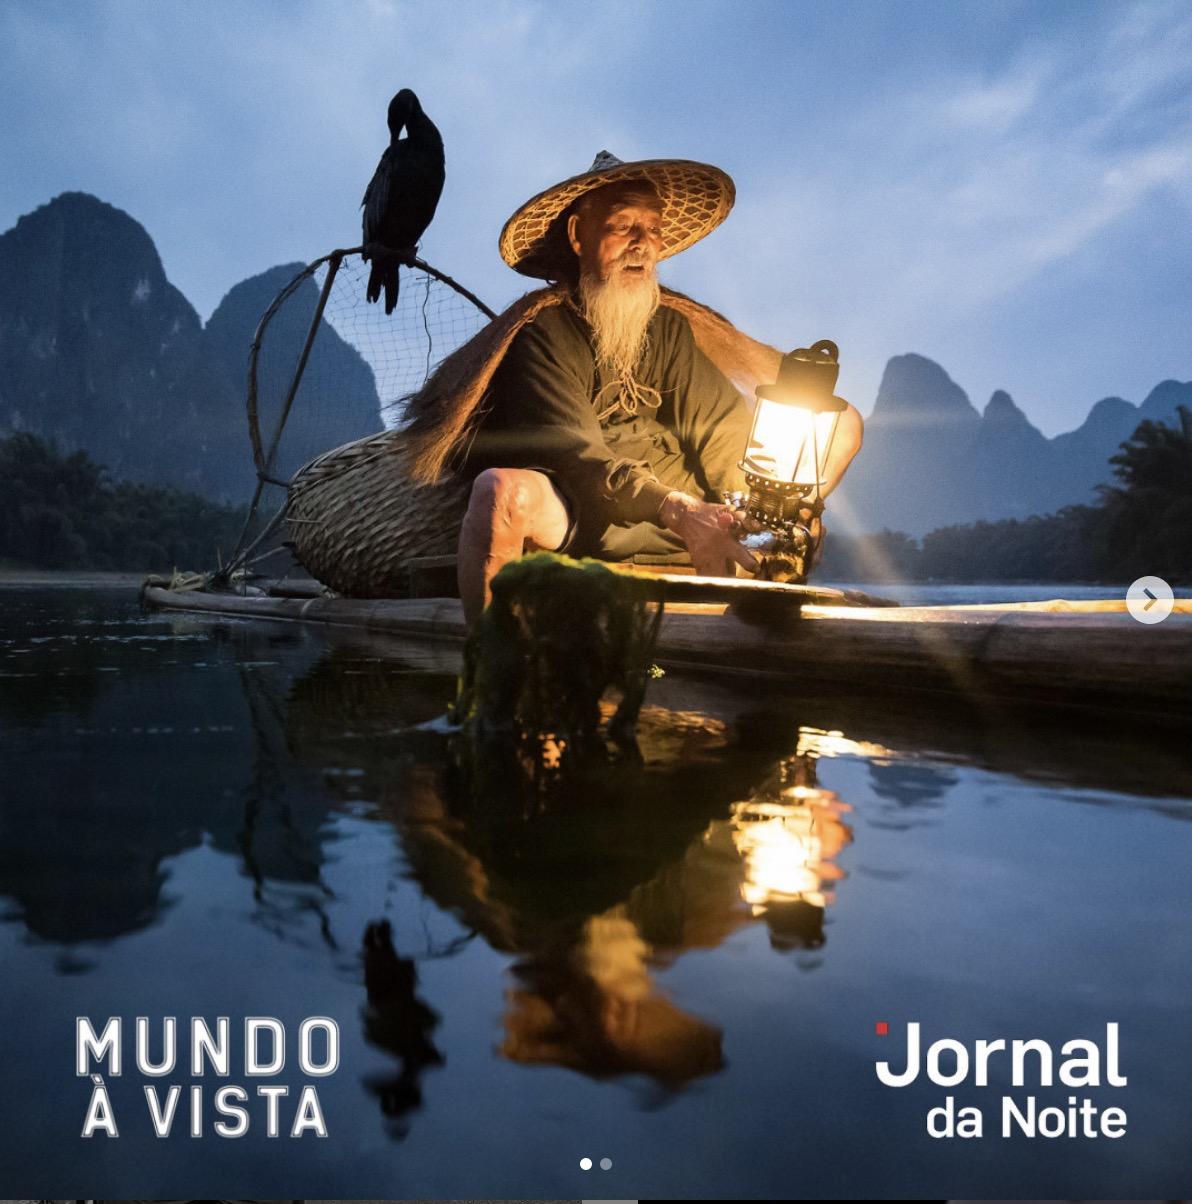 Mundo-a-vista-joel-santos-jornal-da-noite-sic-noticias-china-pescadores.jpg